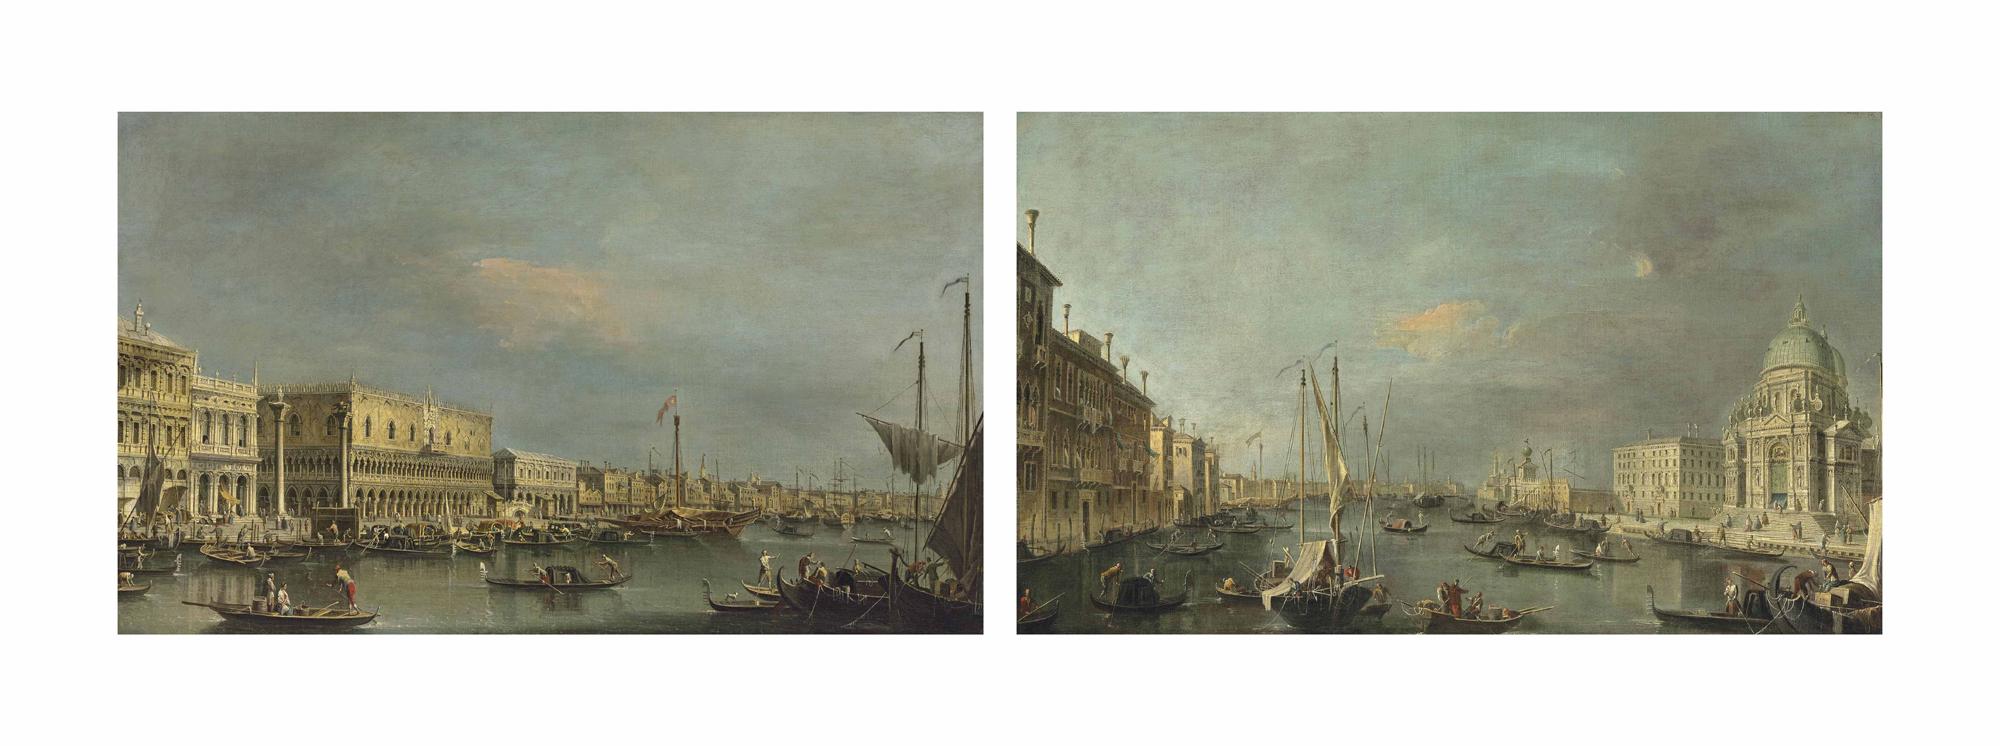 Palazzo Ducale and the Libreria, Venice, from the Bacino di San Marco; and Santa Maria della Salute, Venice, with the Punto della Dogana in the distance